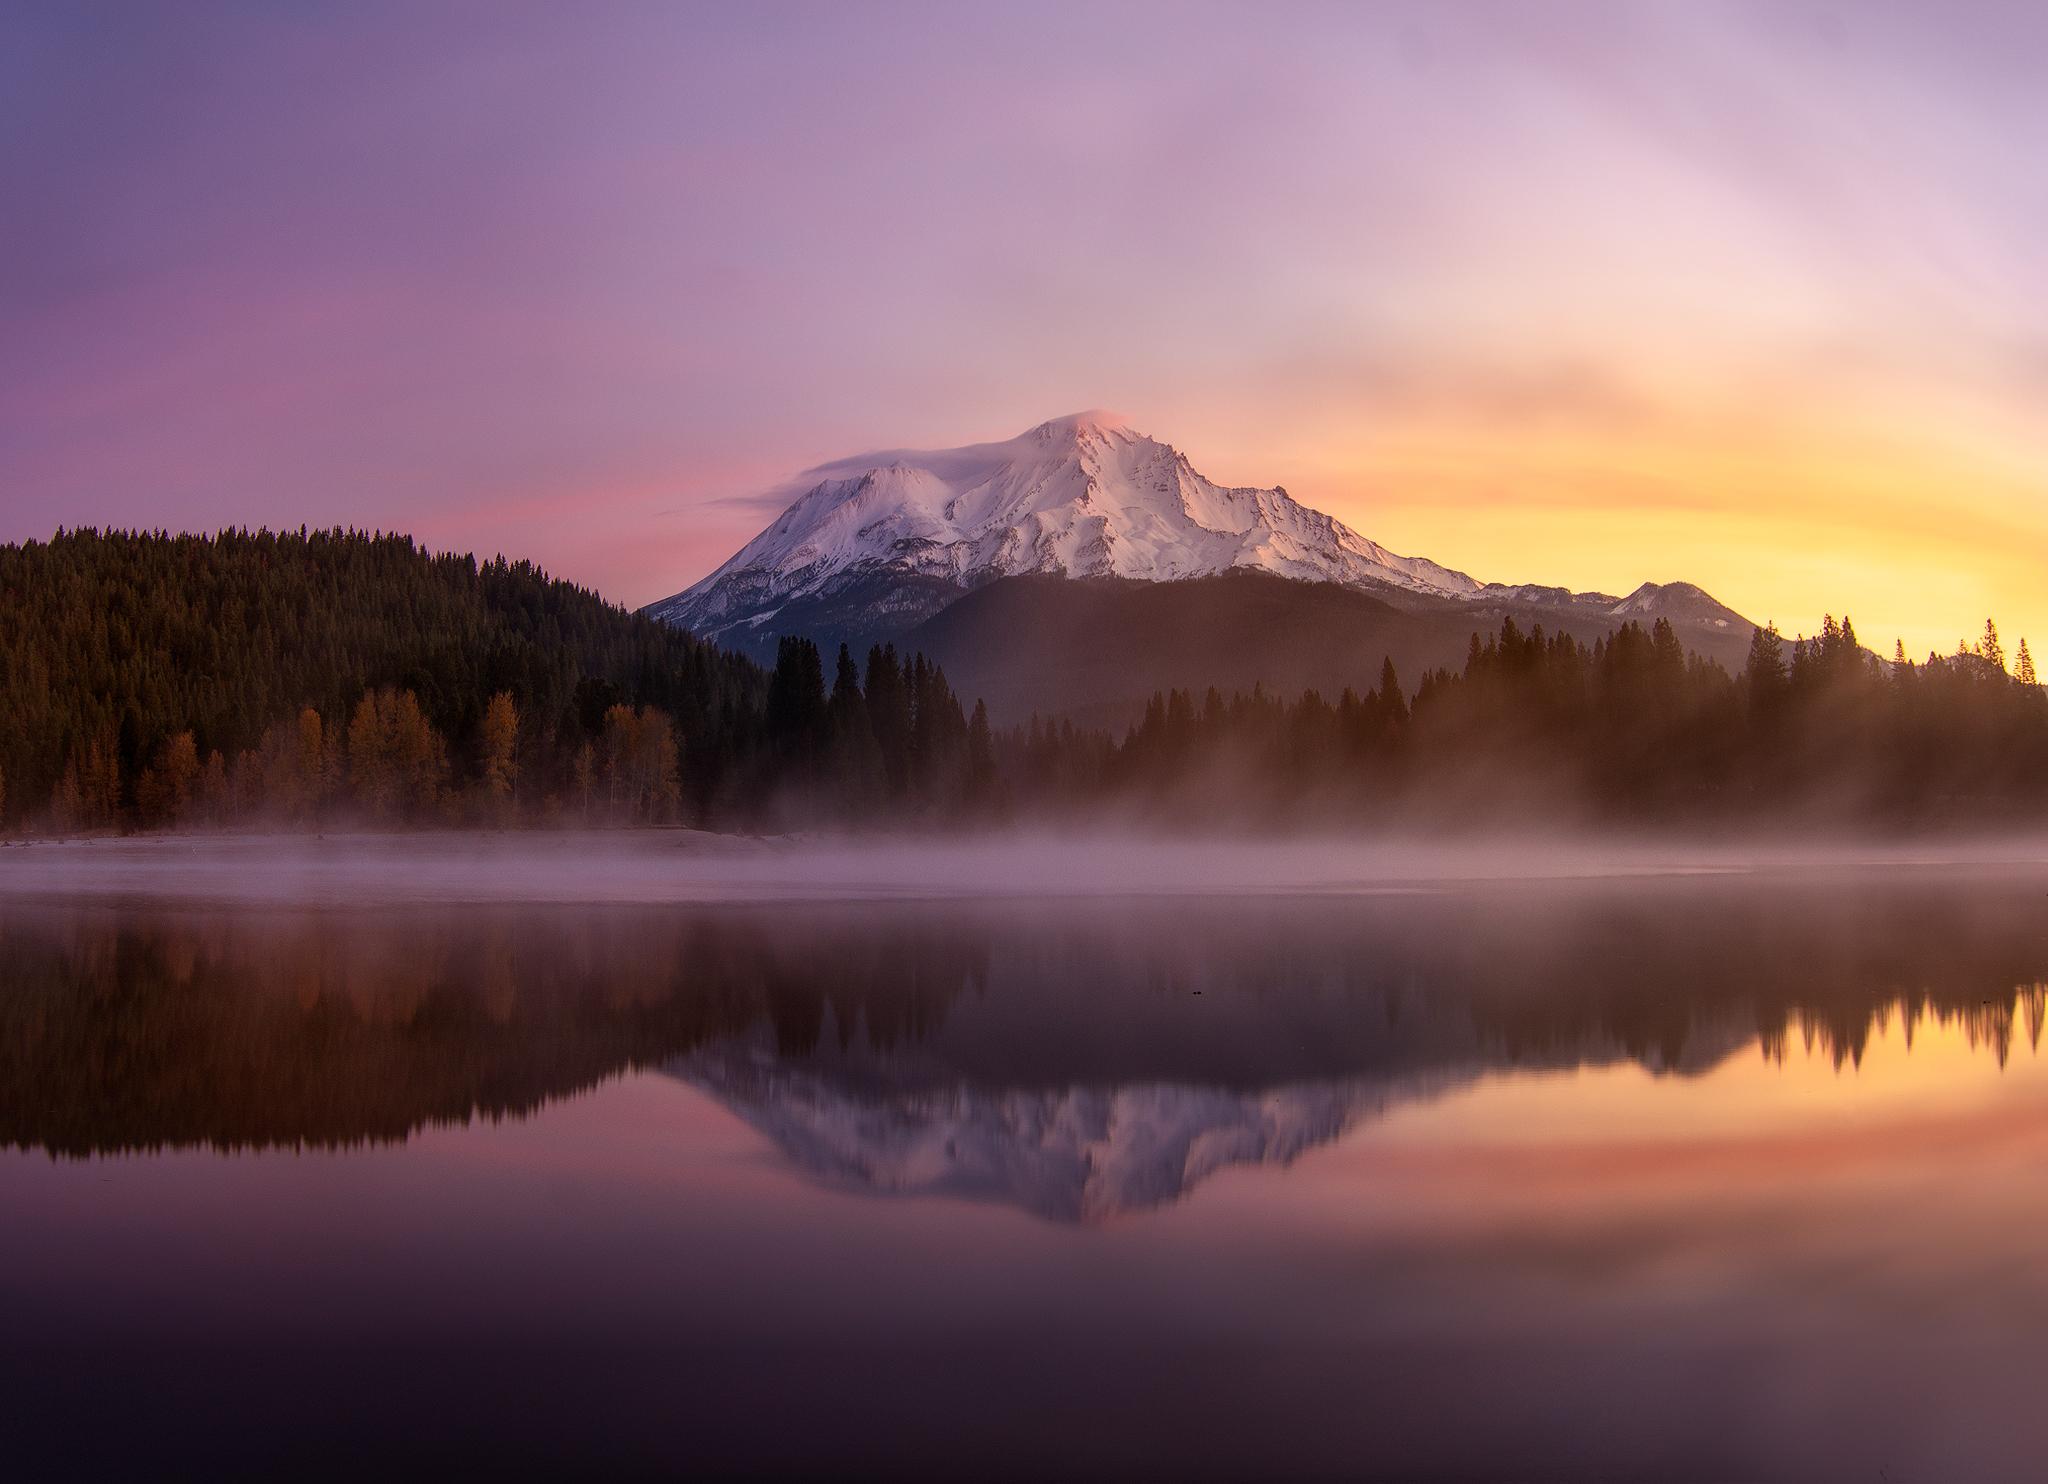 Sunrise colors at Mt Shasta